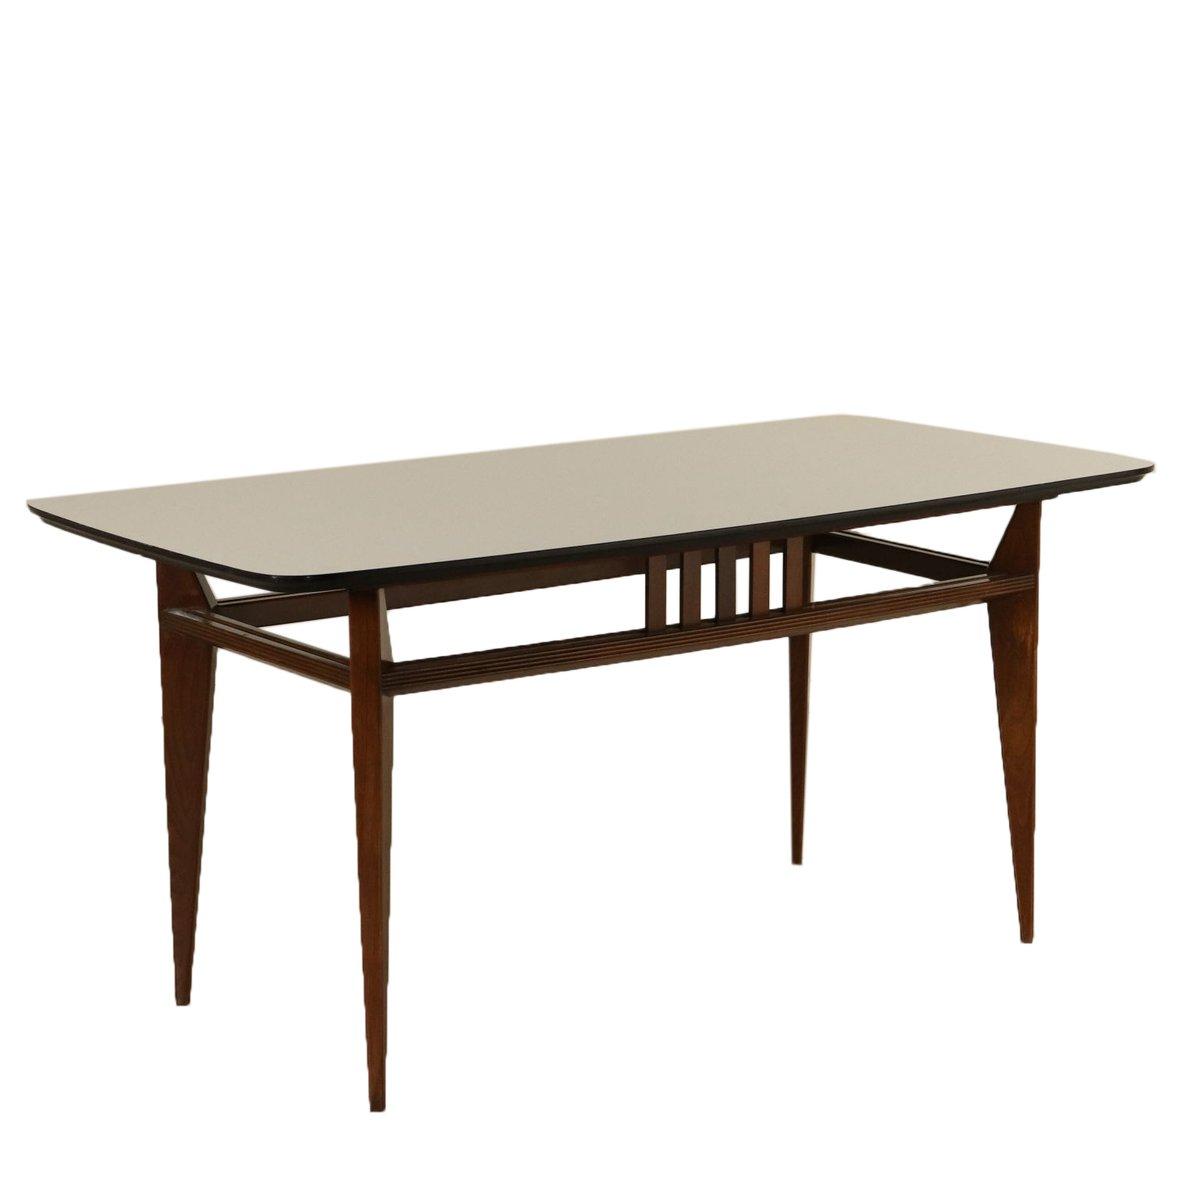 Italienischer Tisch aus Buche & Resopal, 1960er